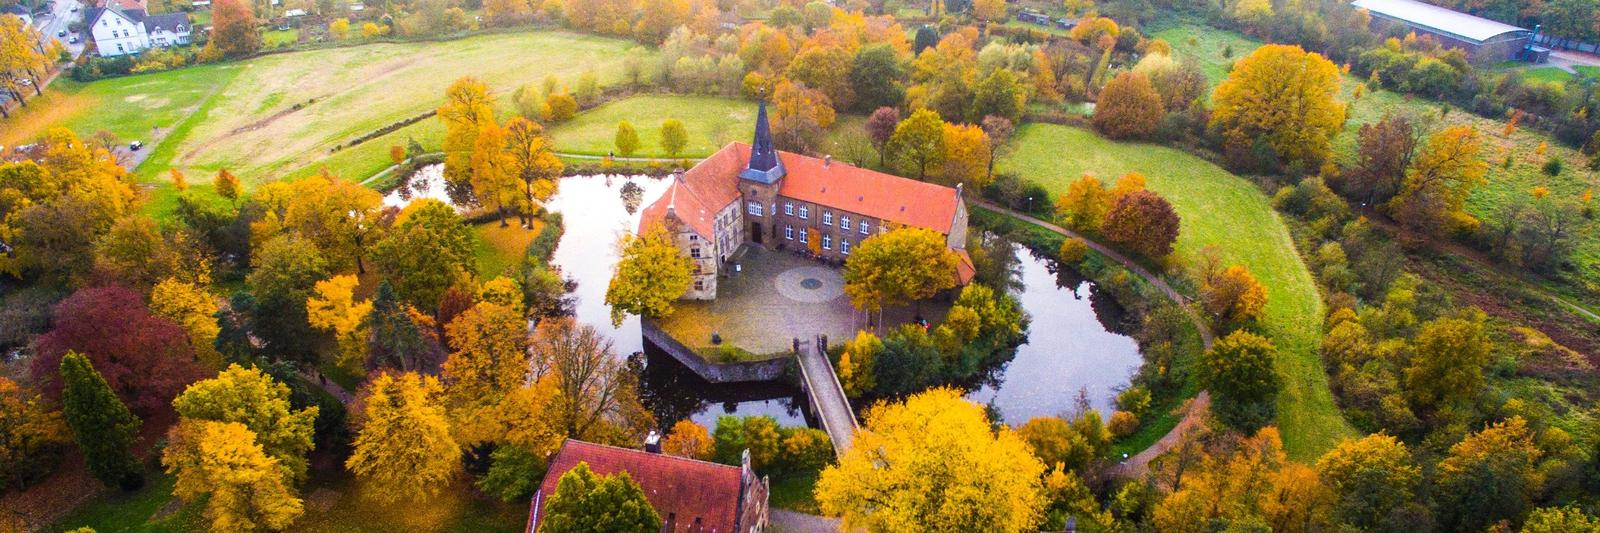 Burg Lüdinghausen von oben